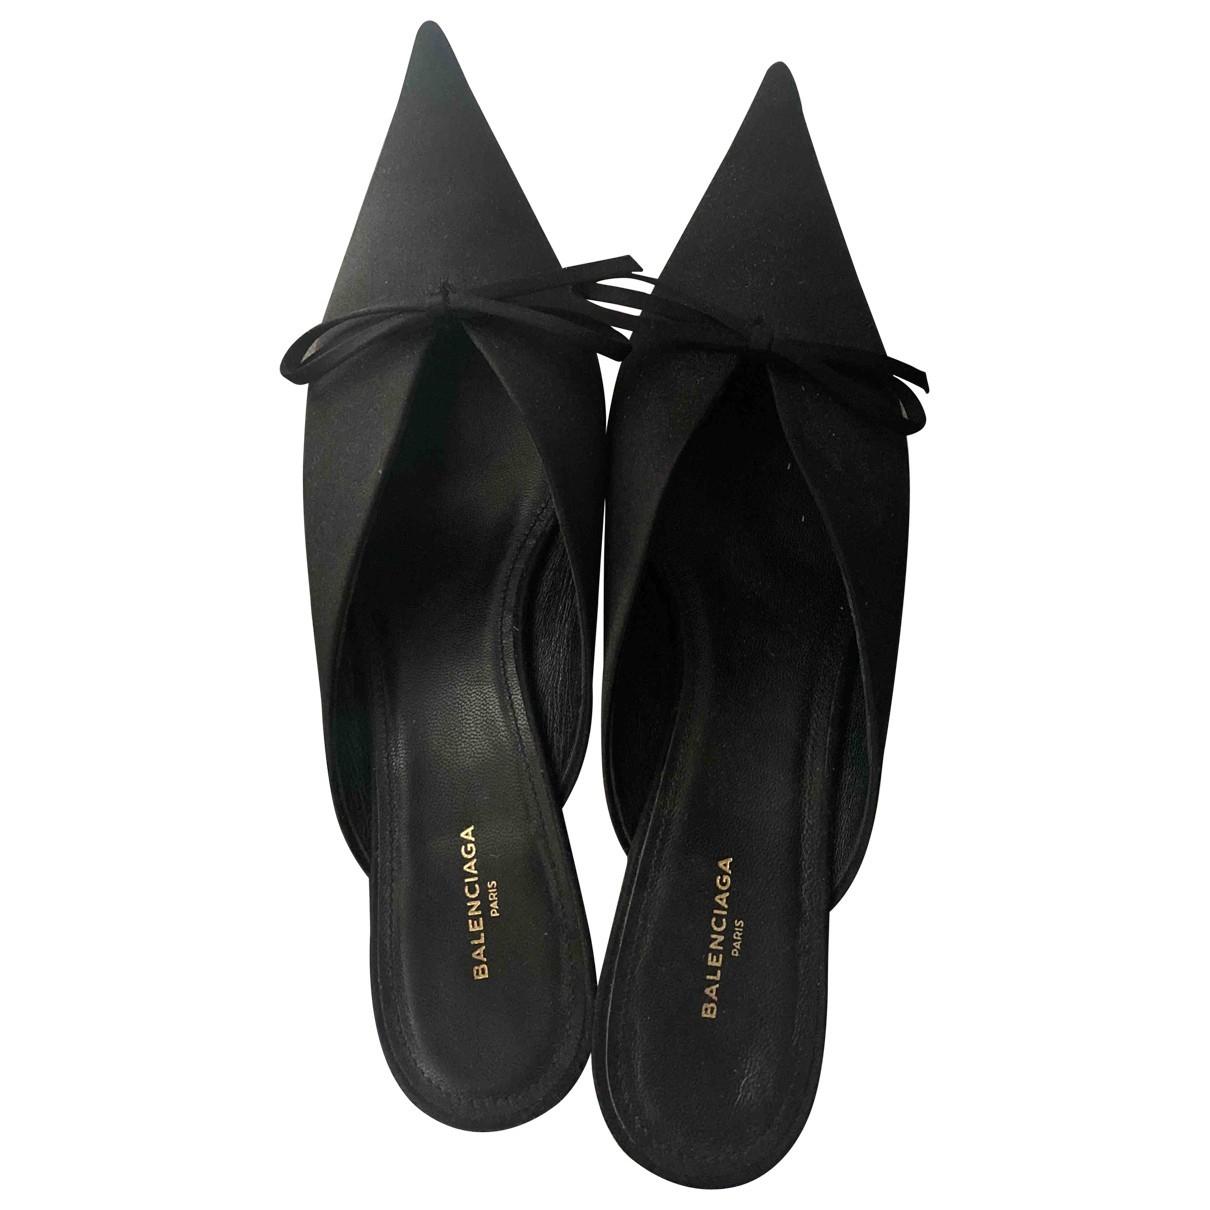 Balenciaga \N Black Cloth Mules & Clogs for Women 37 EU